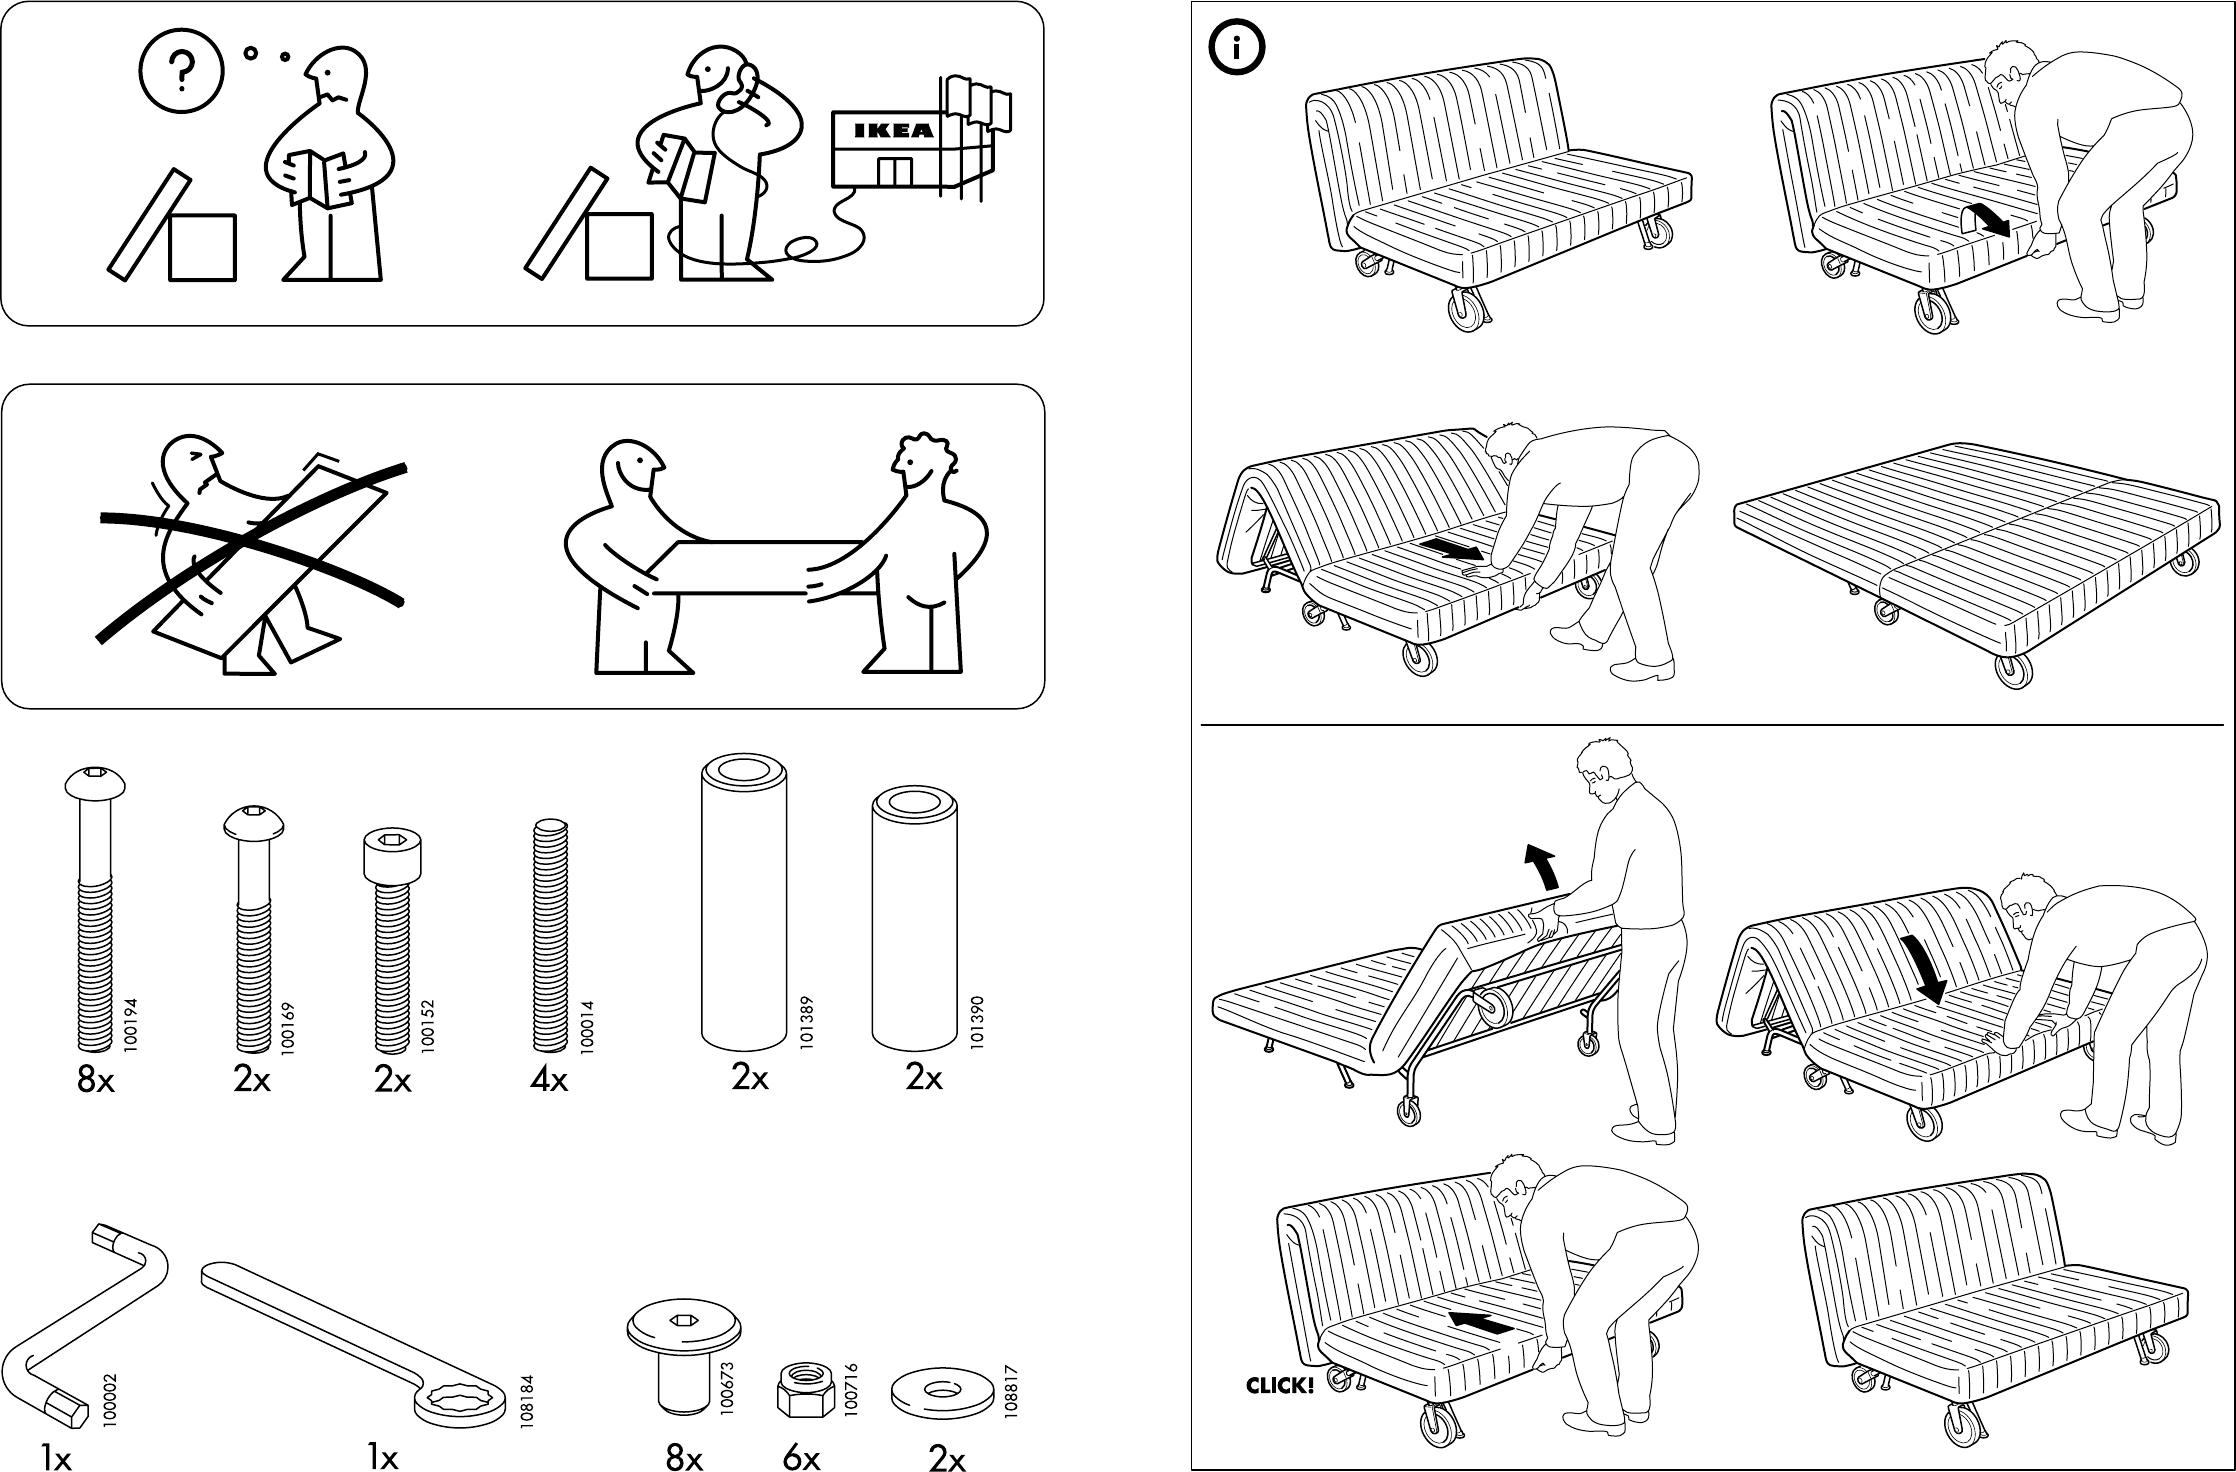 Slaapbank Ikea Ps Havet.Handleiding Ikea Ps Onderstel Slaapbank Pagina 6 Van 6 Dansk